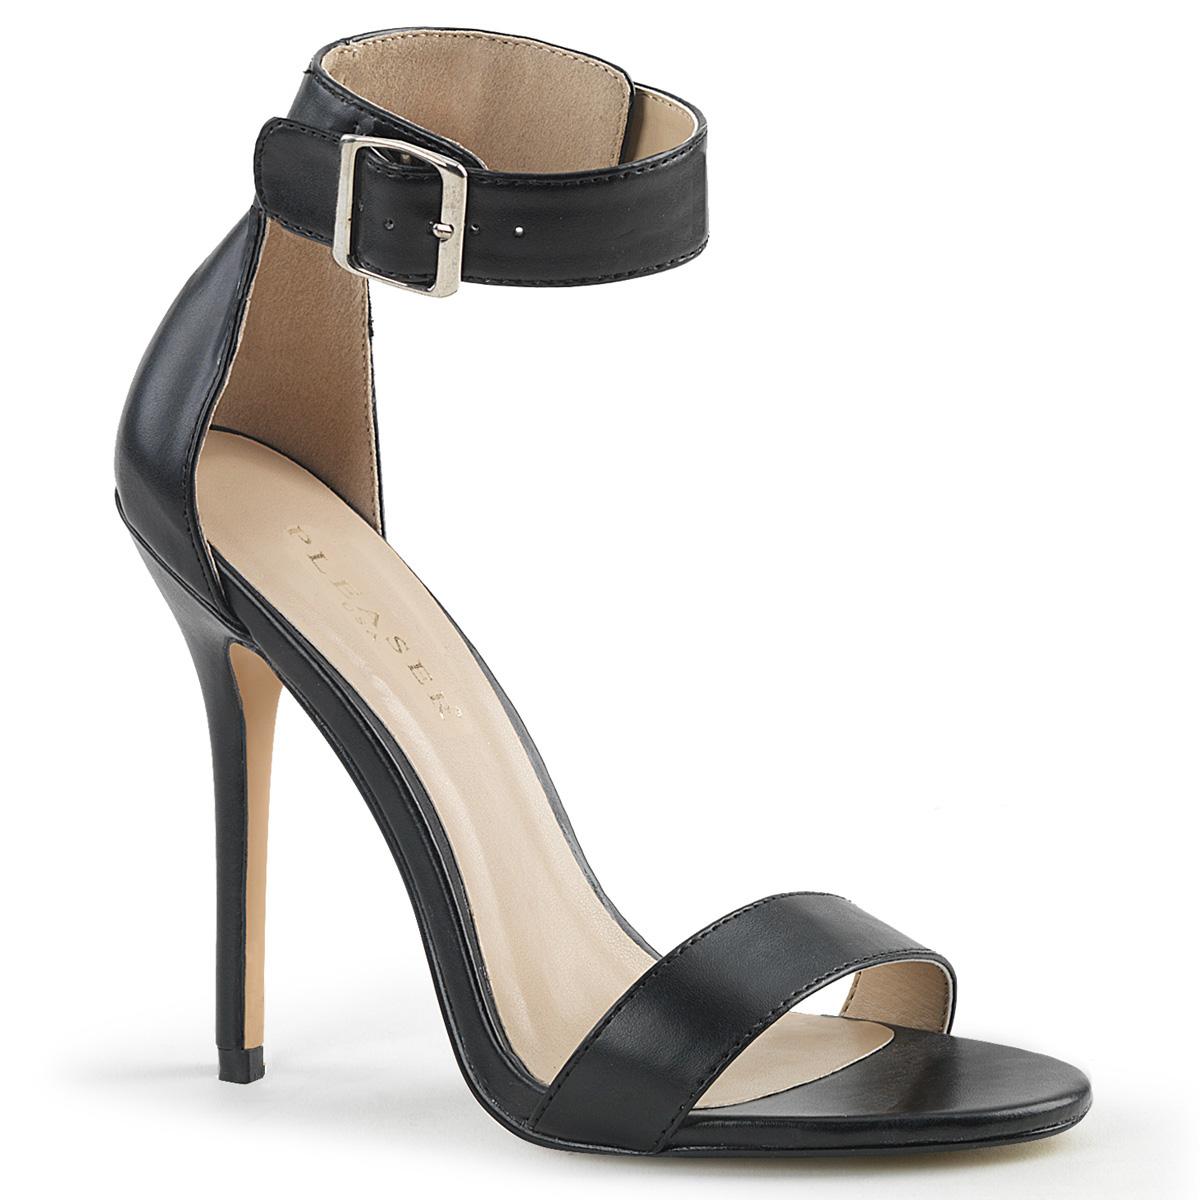 Kunstlæder 13 cm AMUSE 10 højhælede sko til mænd